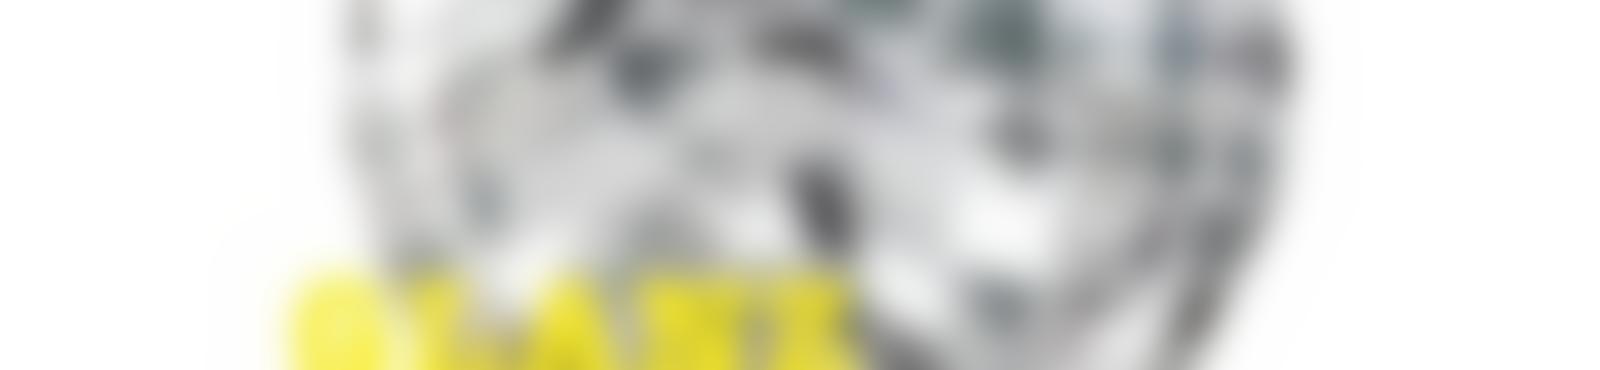 Blurred e9b6d82a d6c3 4e49 a958 acea2cc66914